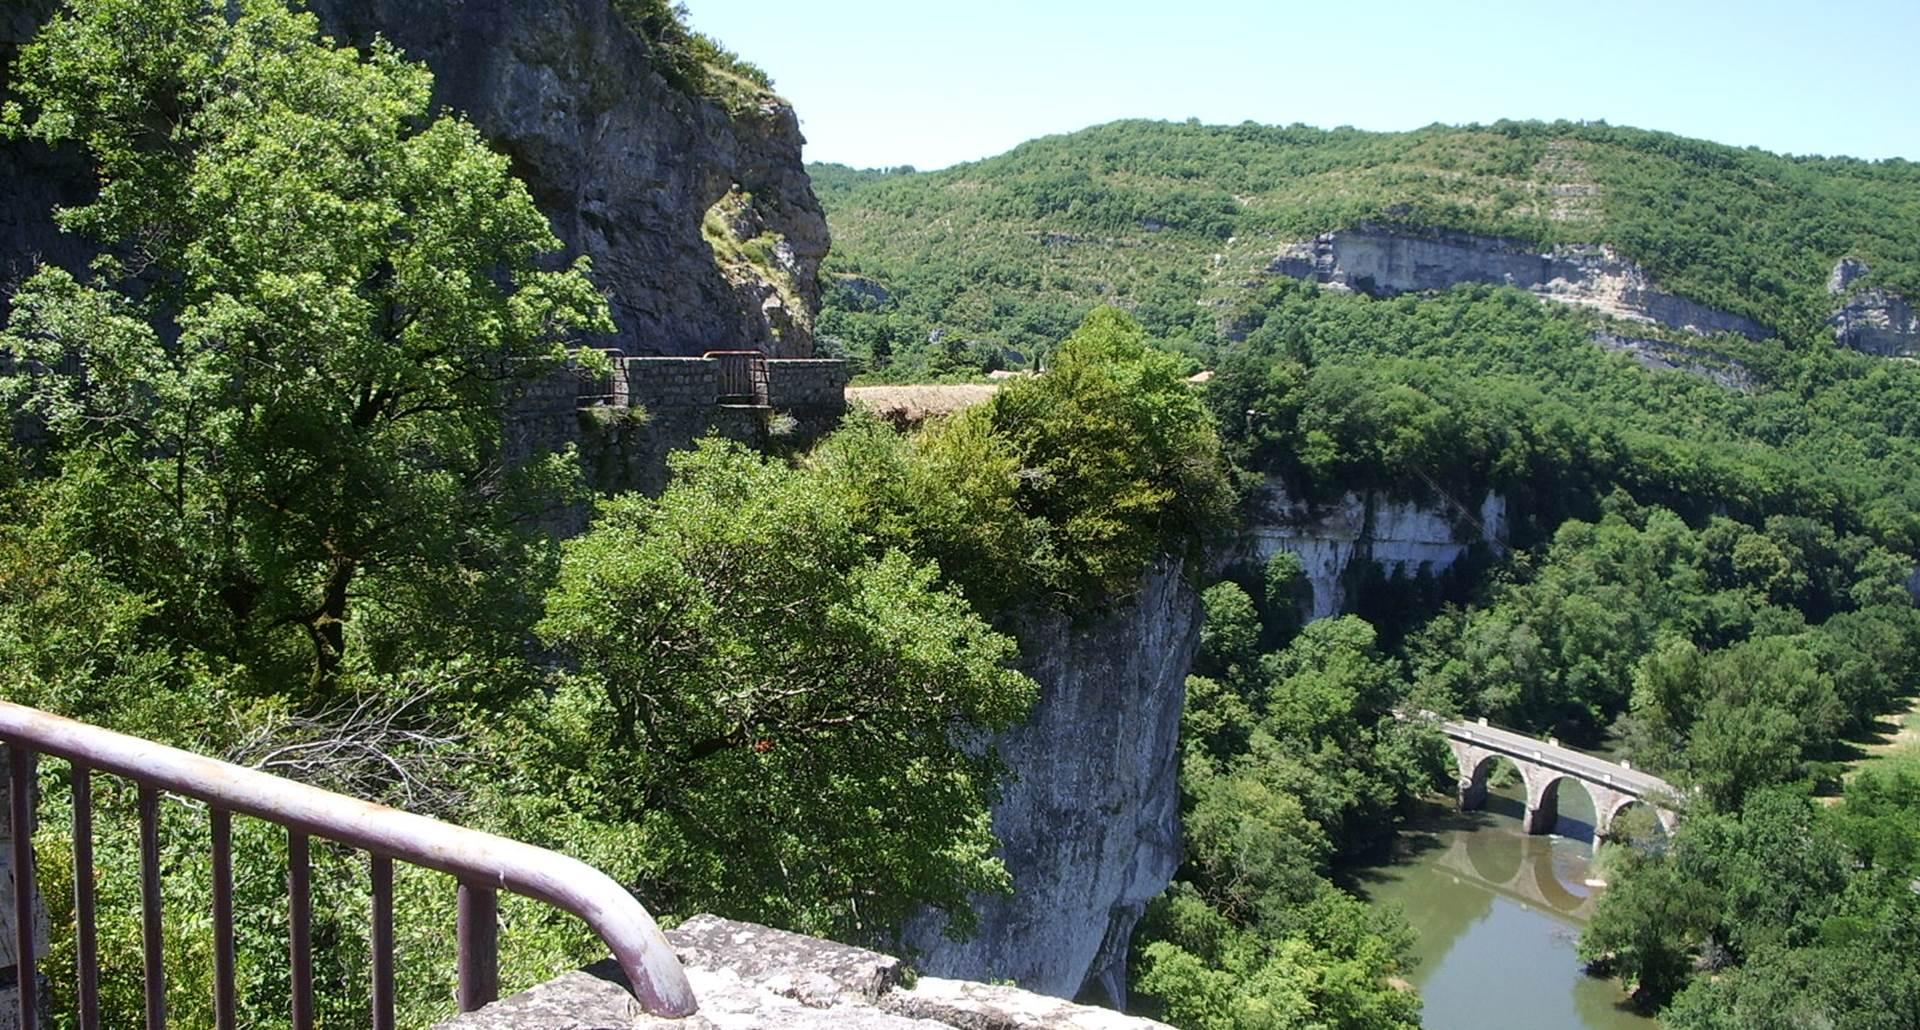 Route de la corniche dans les gorges de l'Aveyron